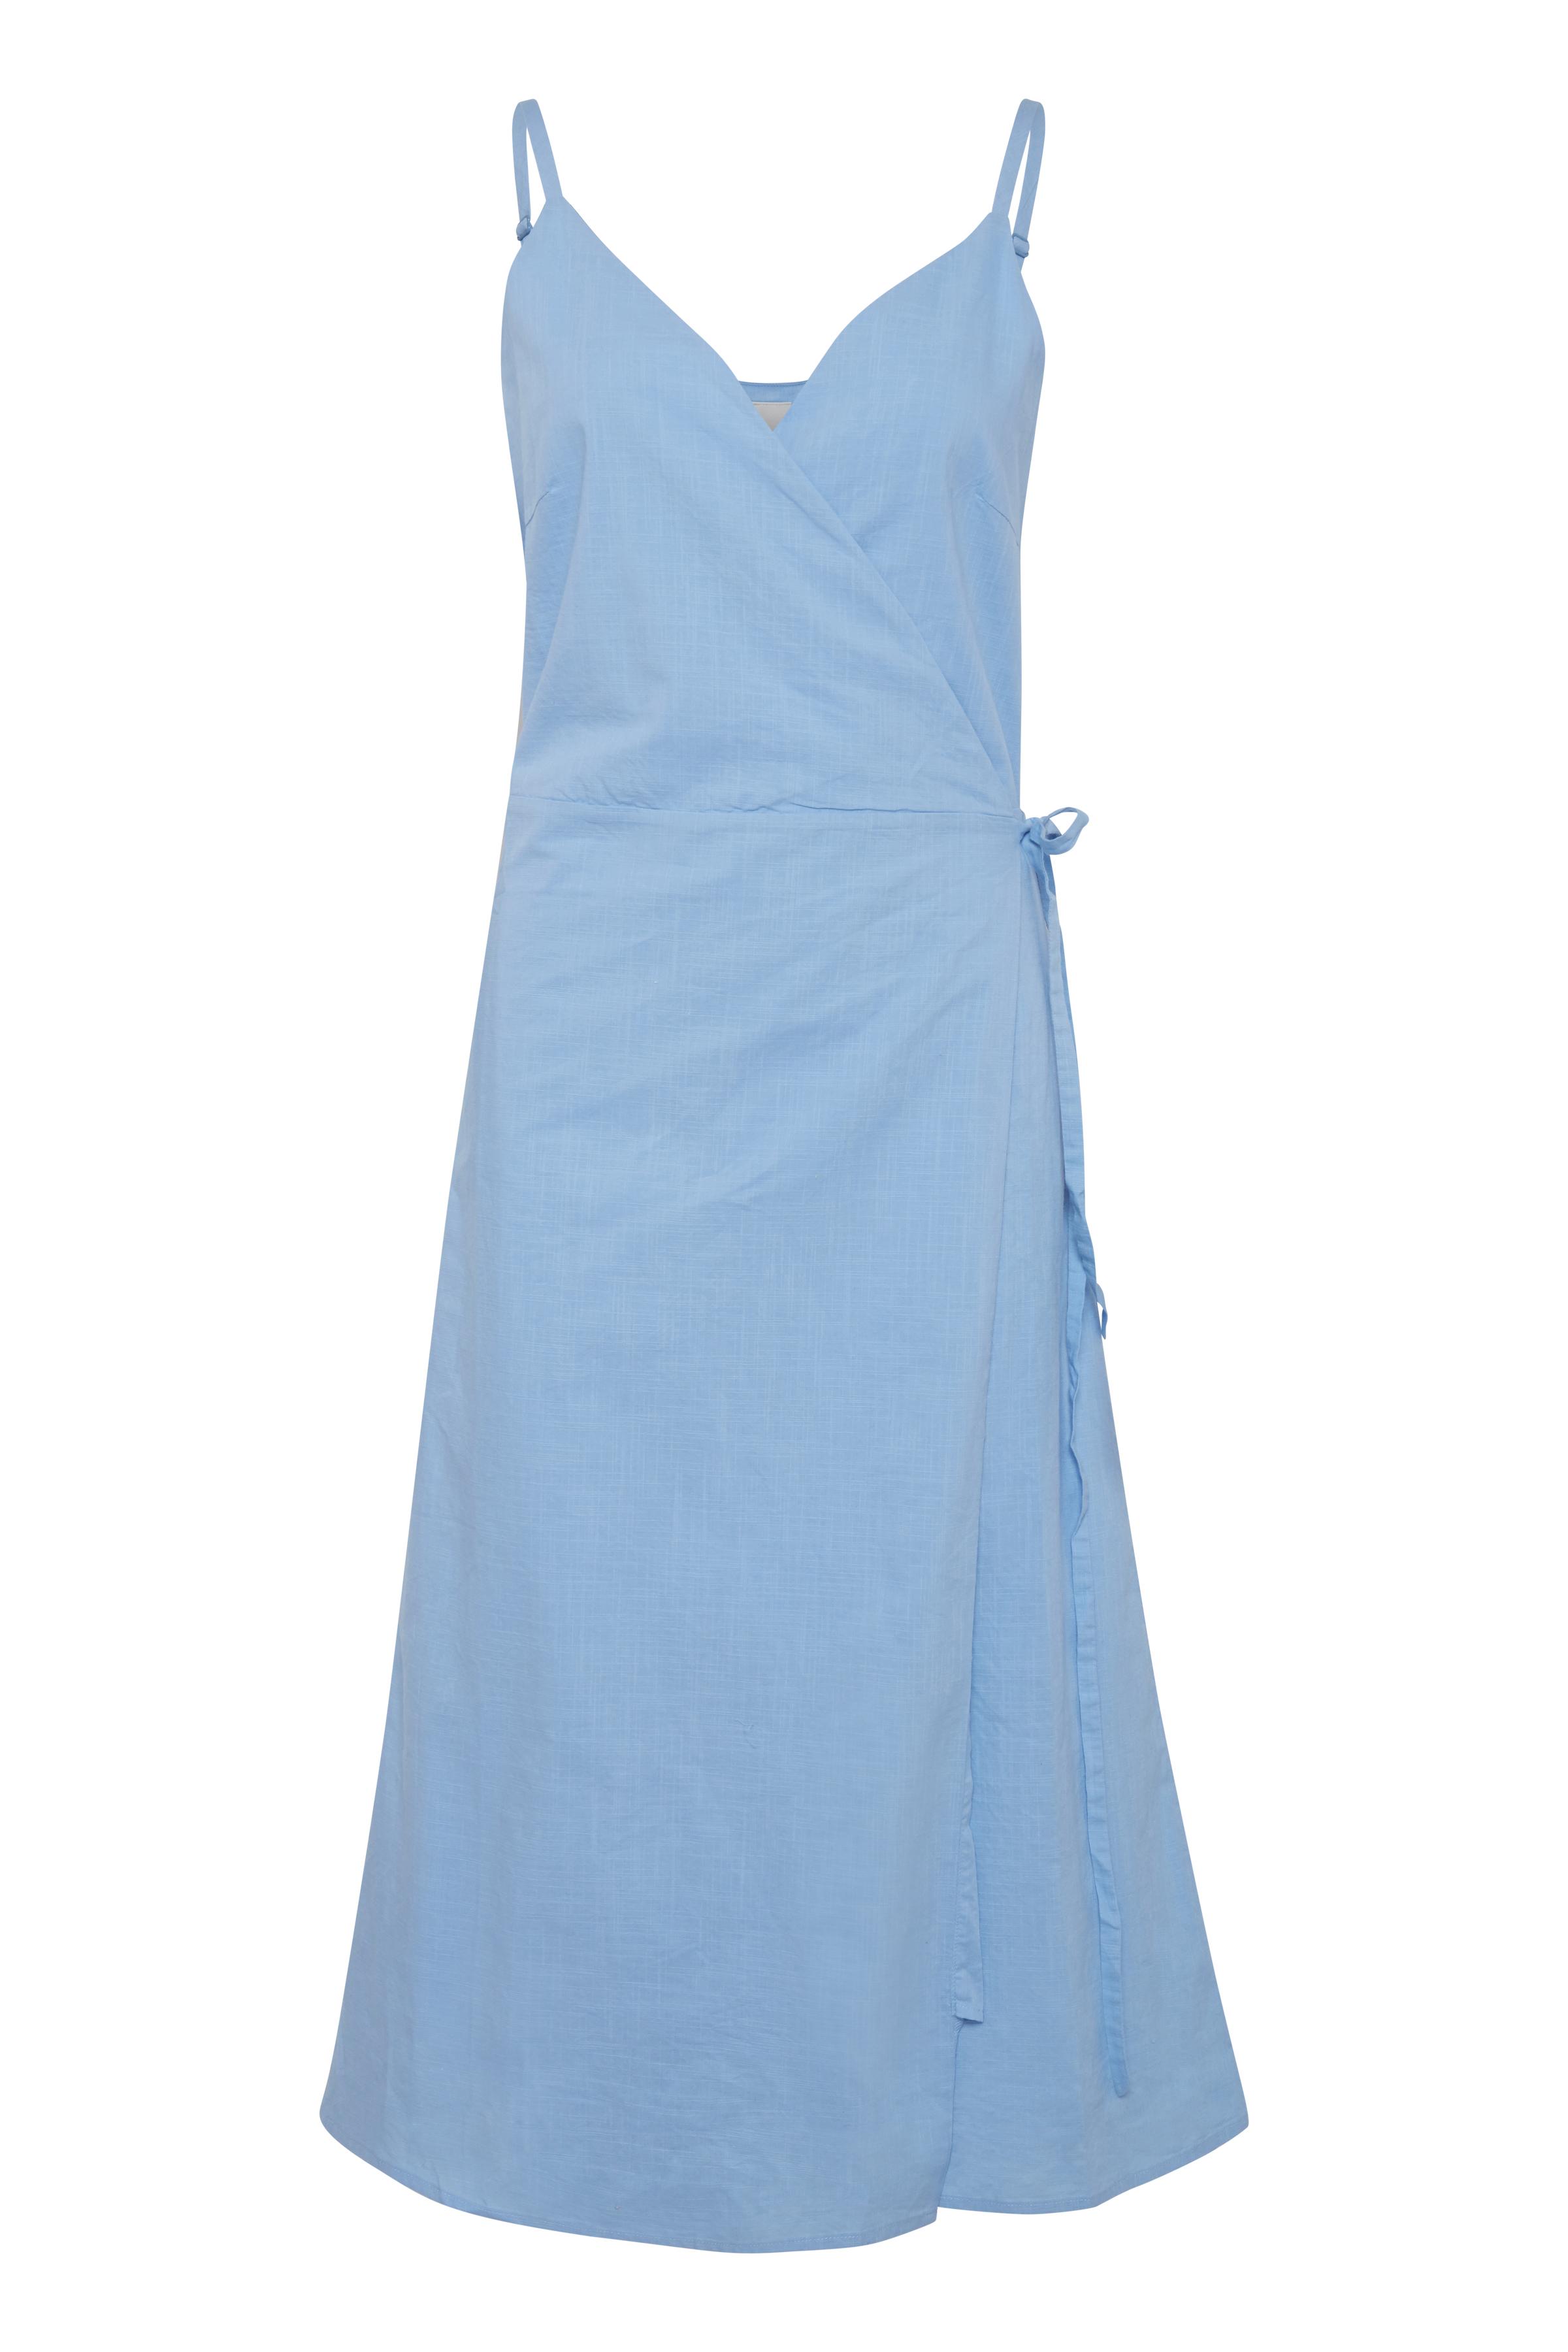 Della Robbia Blue